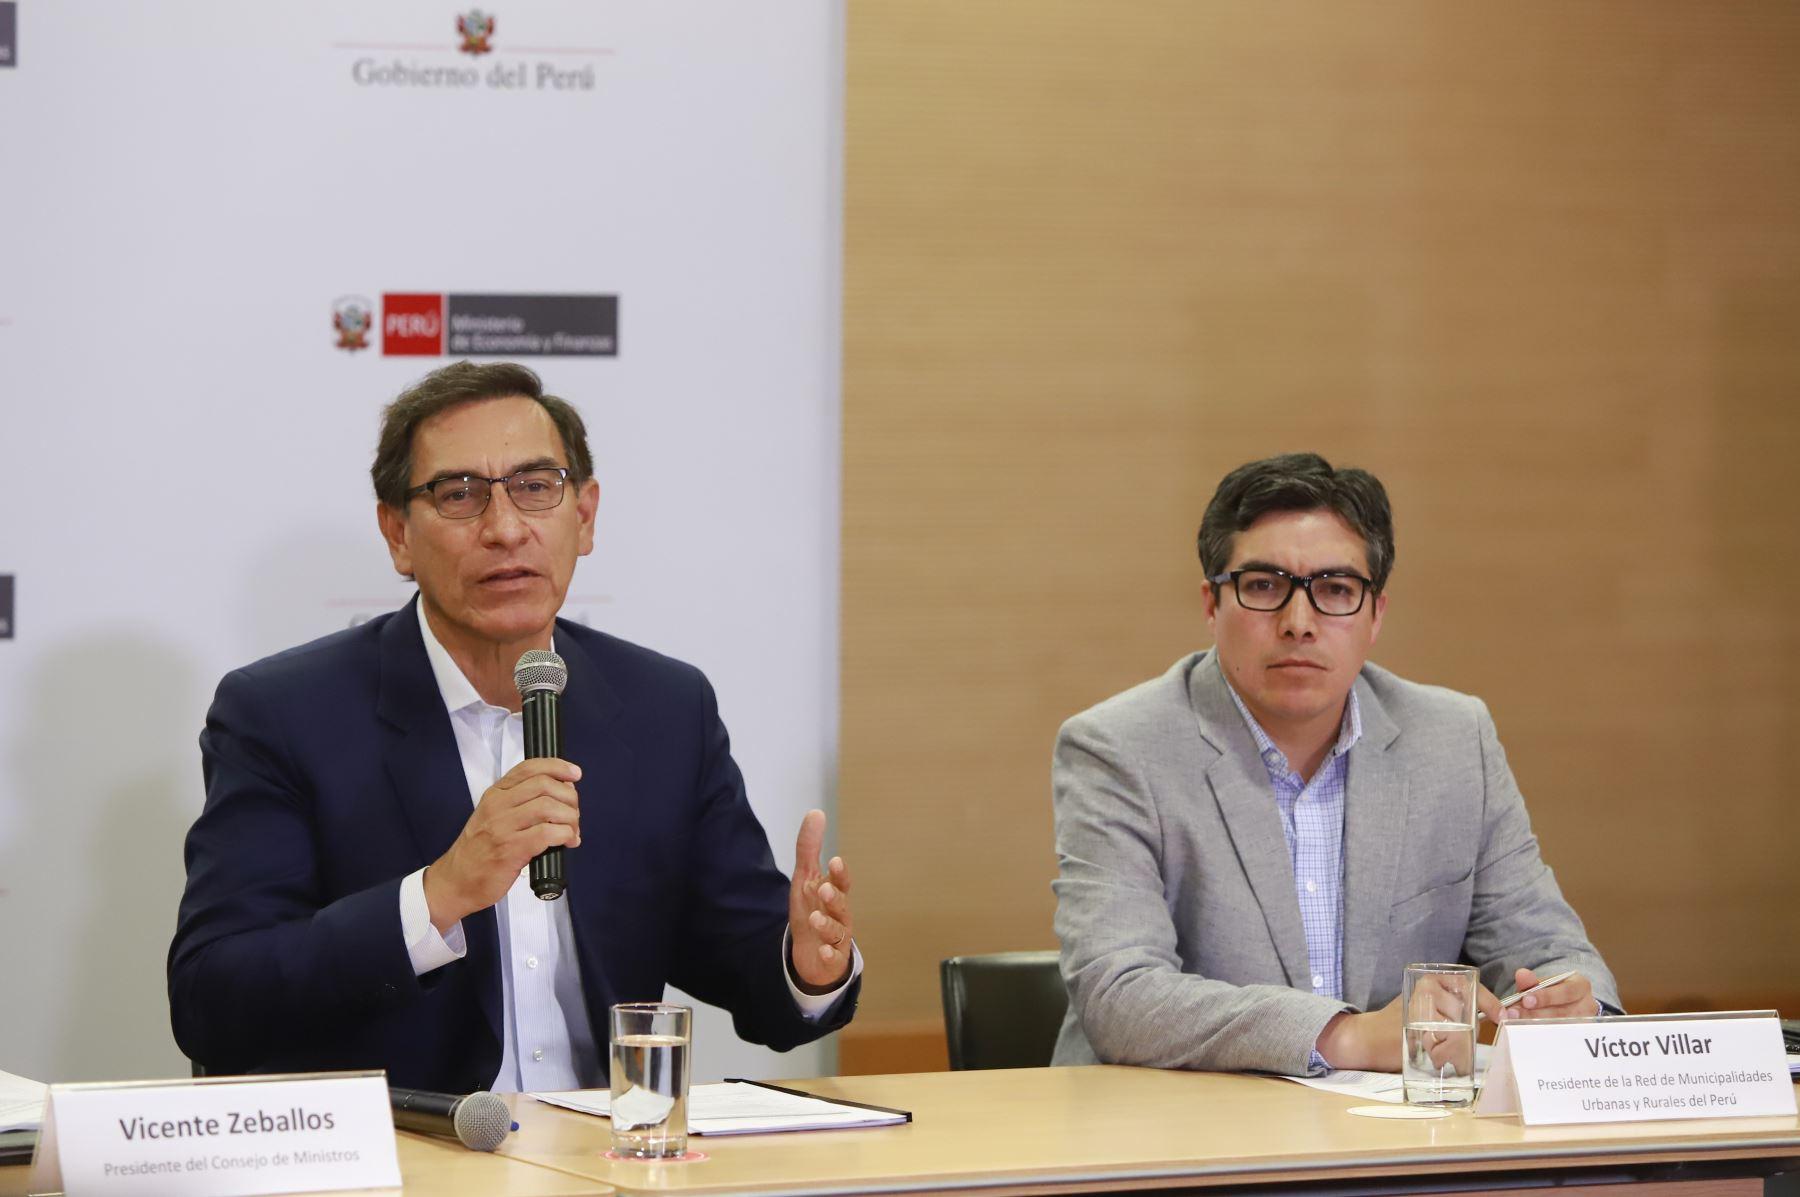 Presidente Martín Vizcarra participa en la reunión de trabajo con la Red de Municipalidades Rurales del Perú (REMURPE) Foto: ANDINA/Prensa Presidencia